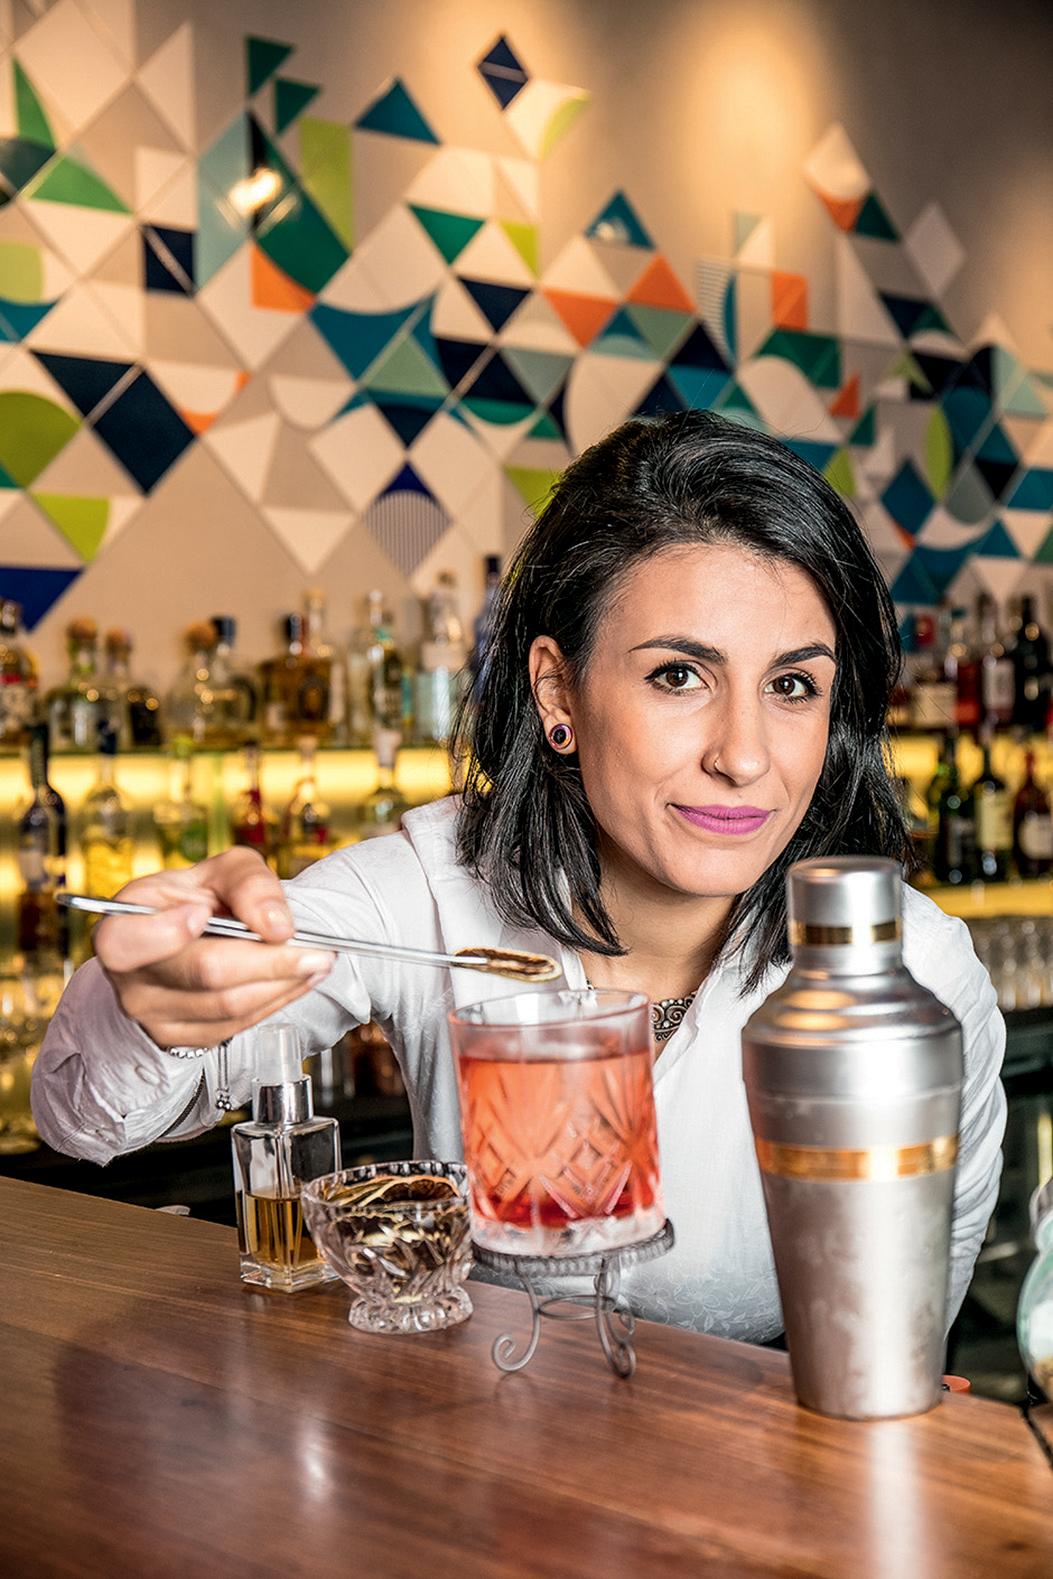 Jéssica Sanchez prepara drinques no balcão com fundo colorido